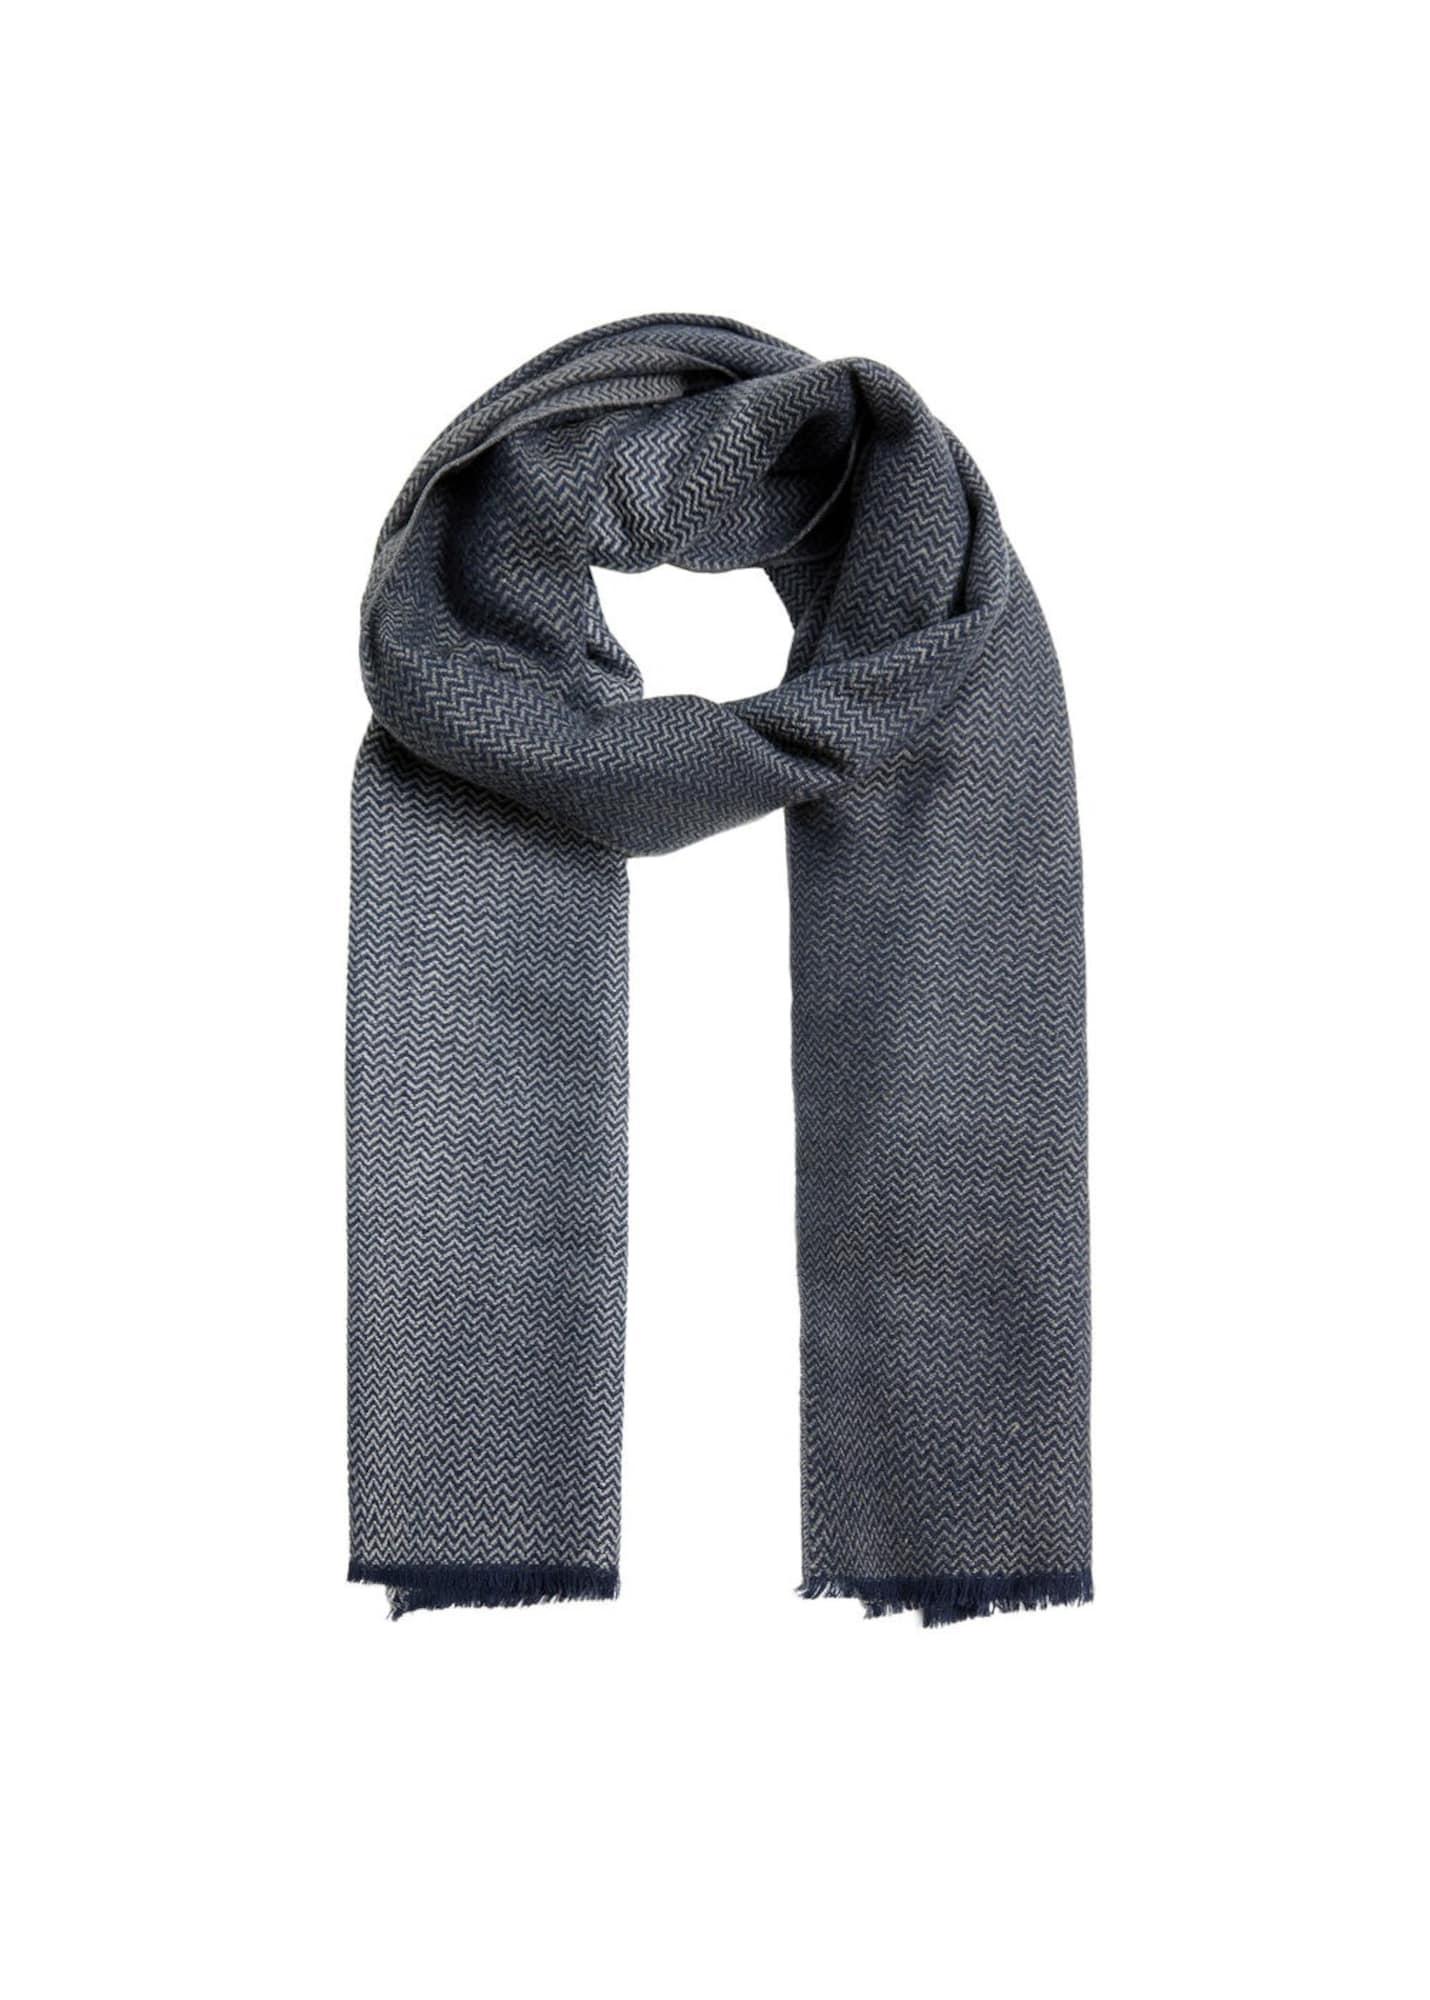 Schal | Accessoires > Schals & Tücher | Blau | mango man